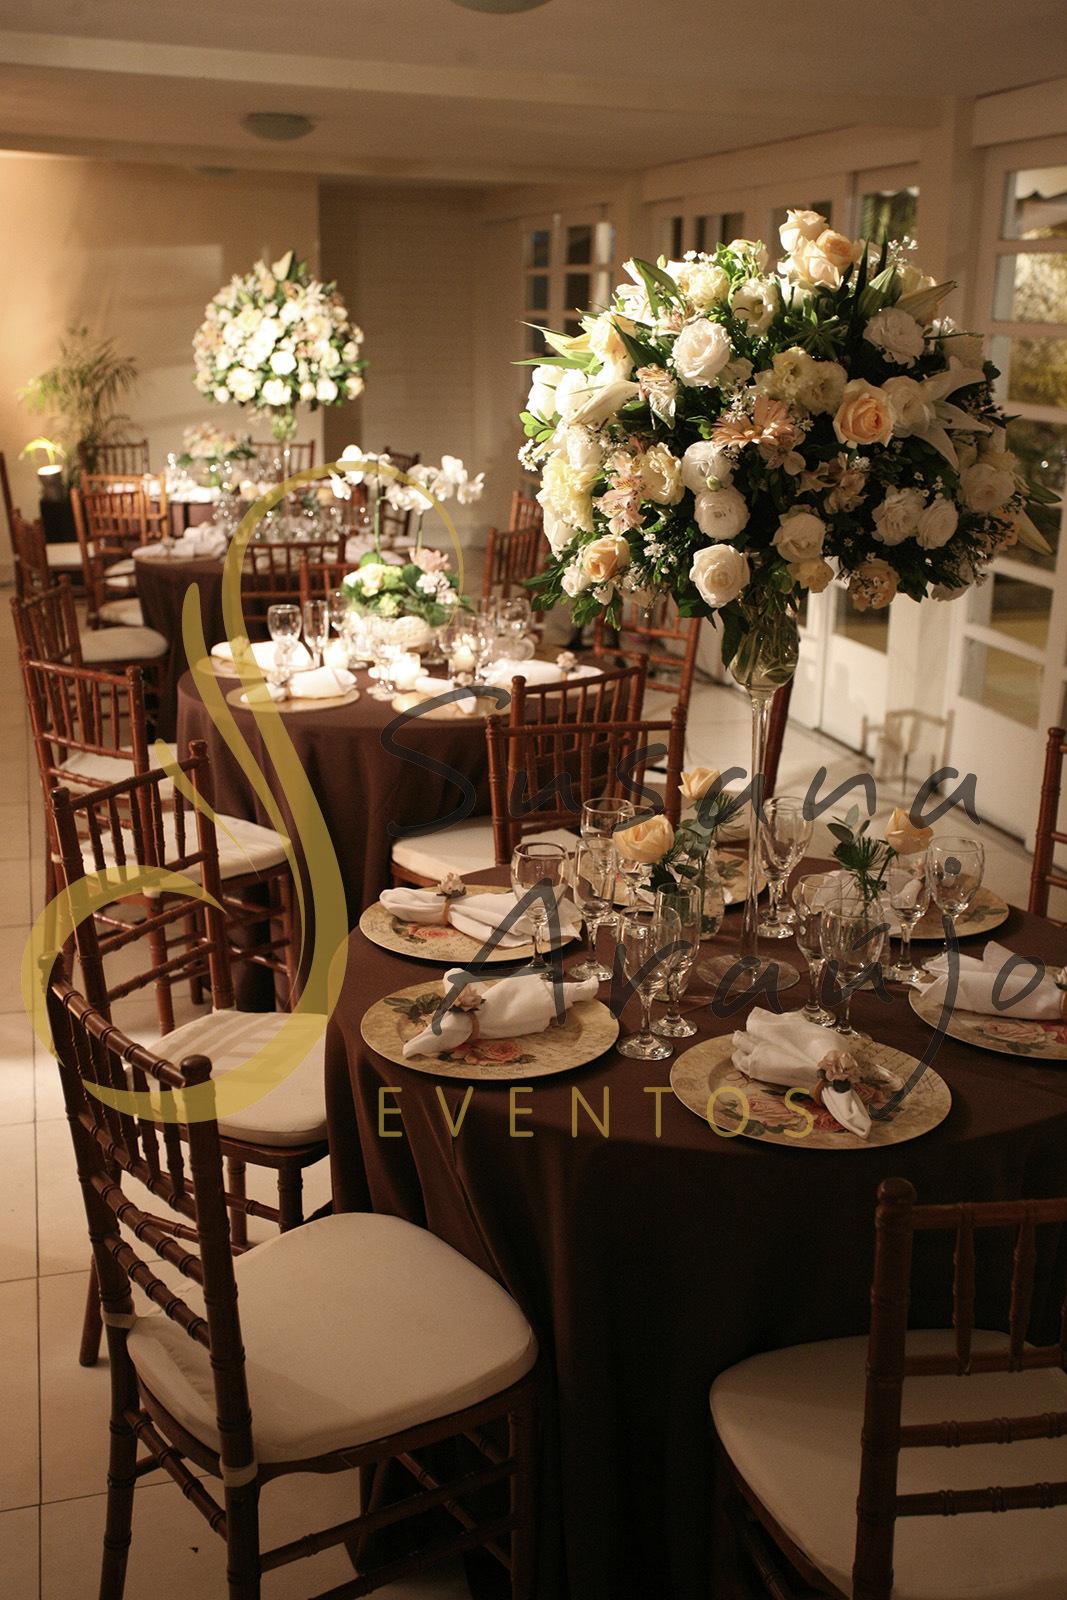 Casamento Casa da Amizade Niterói RJ Decoração floral flores brancas rosa claro pasteis Centro de mesa  arranjo alto sousplats estampado toalha charuto cadeira madeira